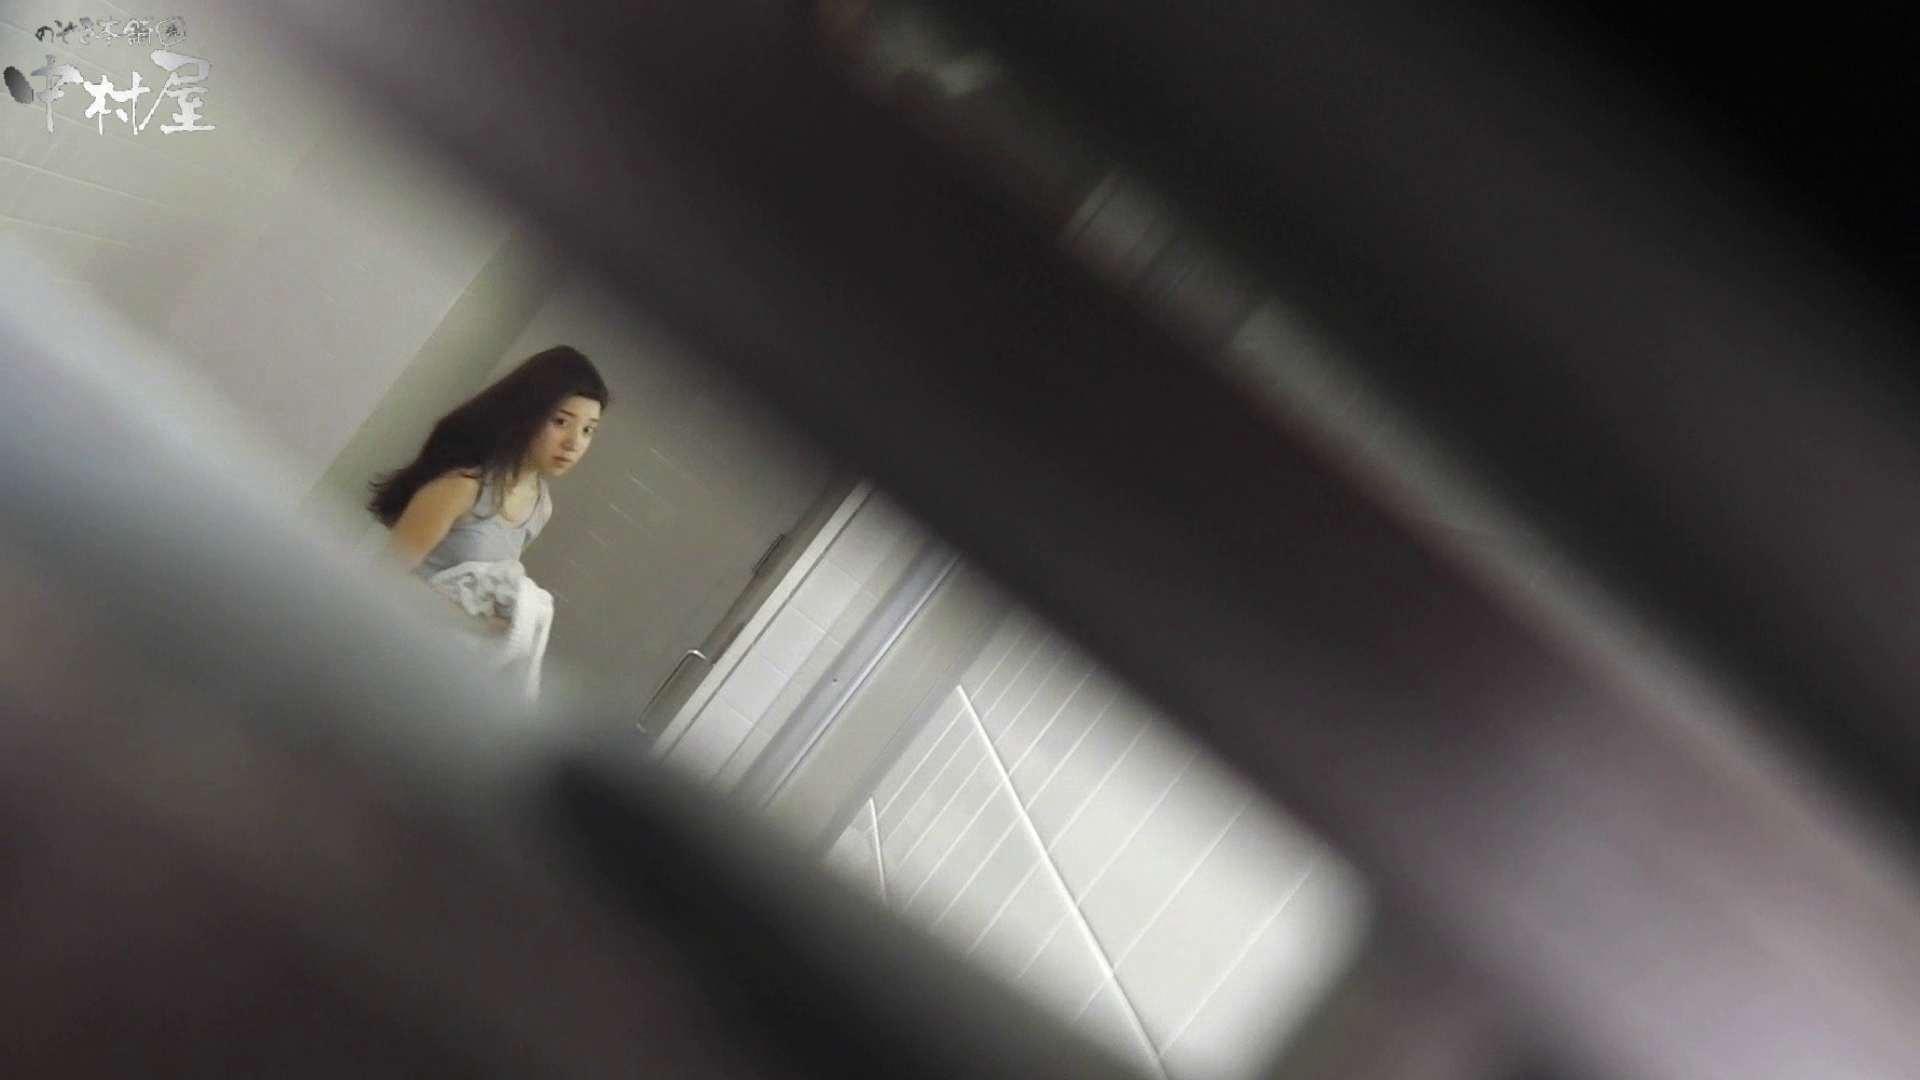 vol.47 命がけ潜伏洗面所! 可愛い顔してケツ毛な件 潜入 濡れ場動画紹介 94連発 76